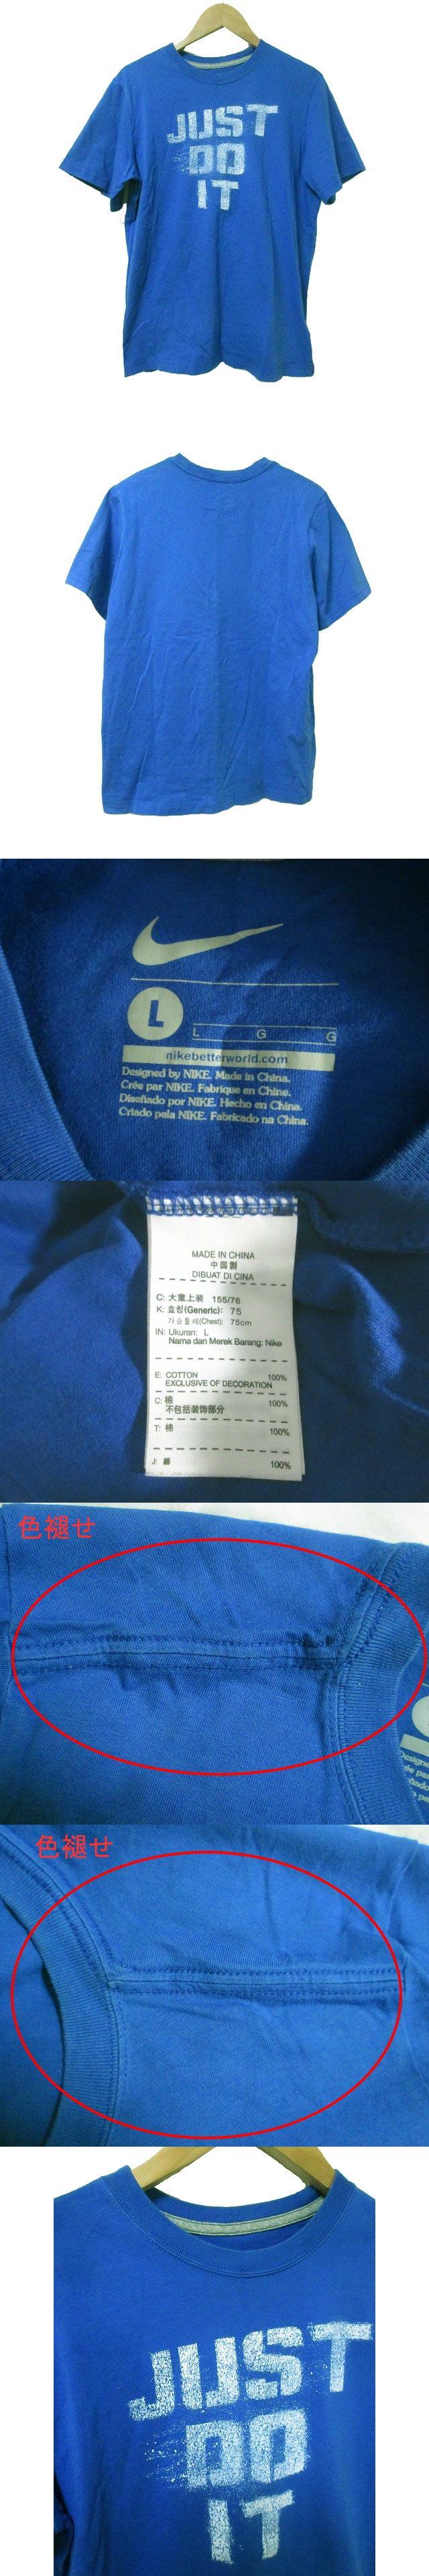 Tシャツ 半袖 キッズ 子供服 L 青 ブルー プリント コットン 男の子 X